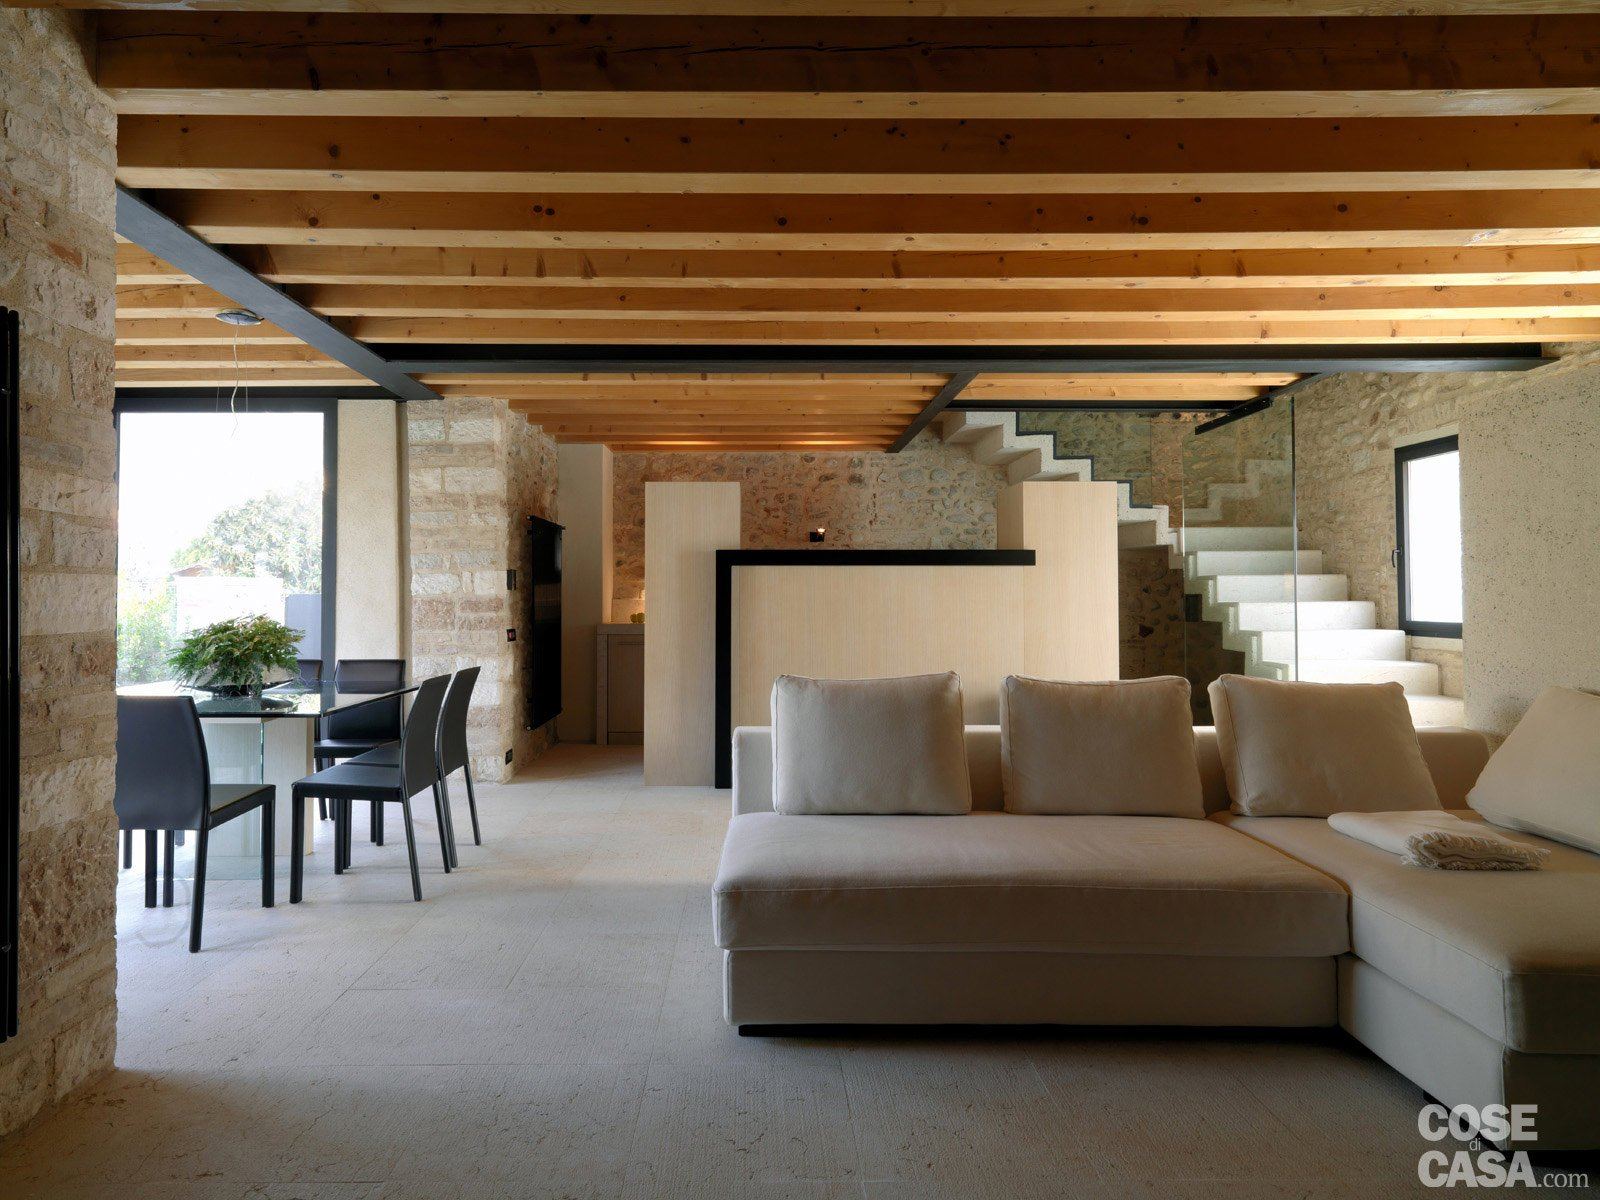 Pareti Esterne In Vetro E Legno : Legno e pietra a vista nella casa restaurata cose di